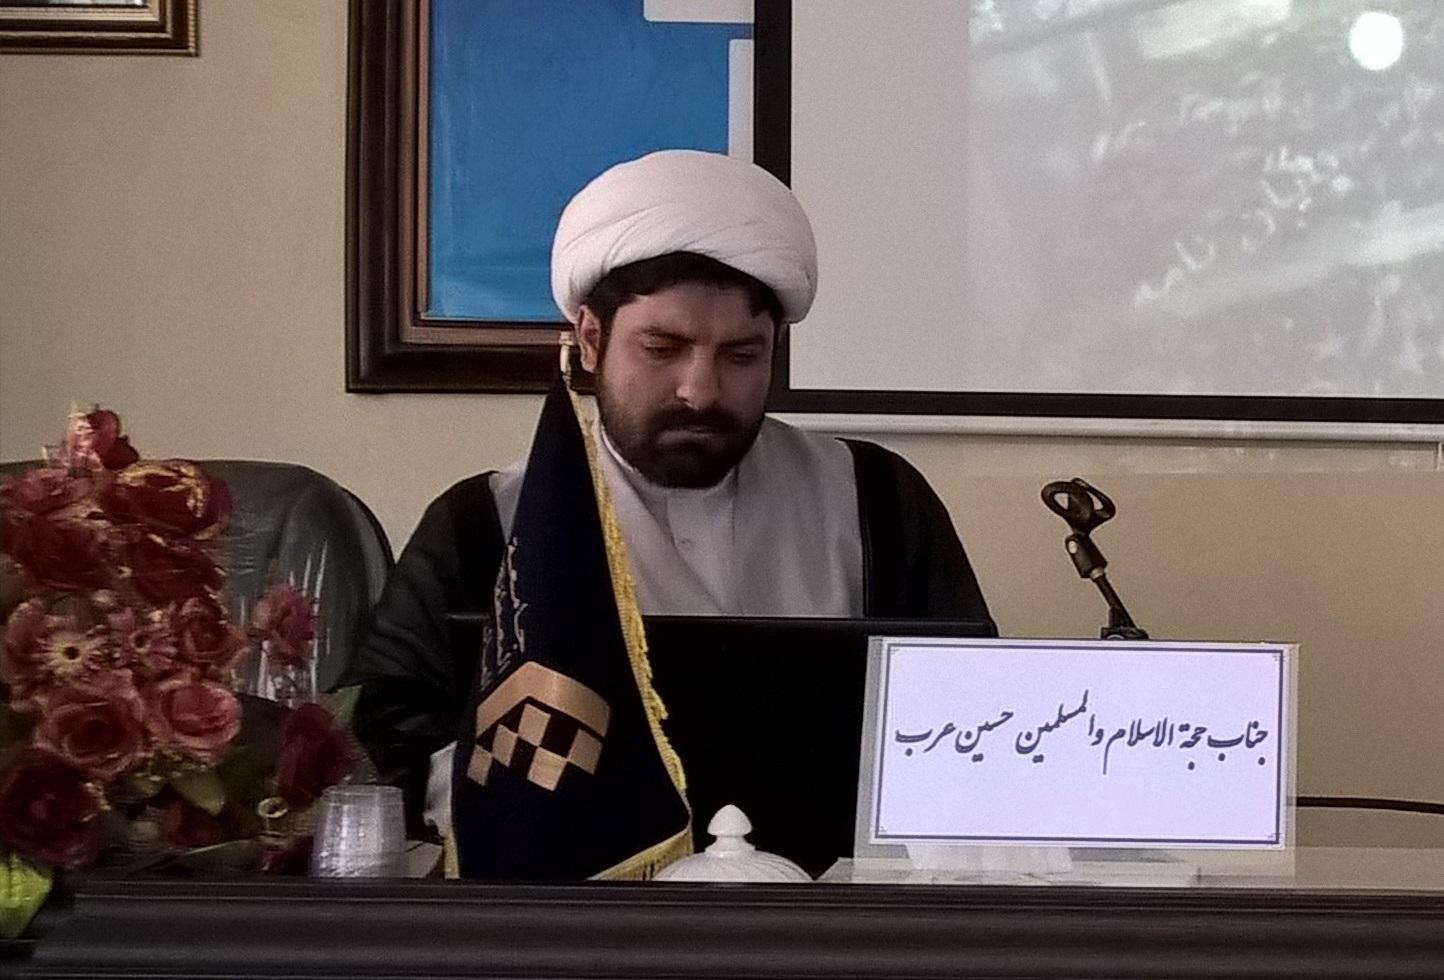 حسین عرب: ورود هیپنوتیزیم به سیما اشتباه بود